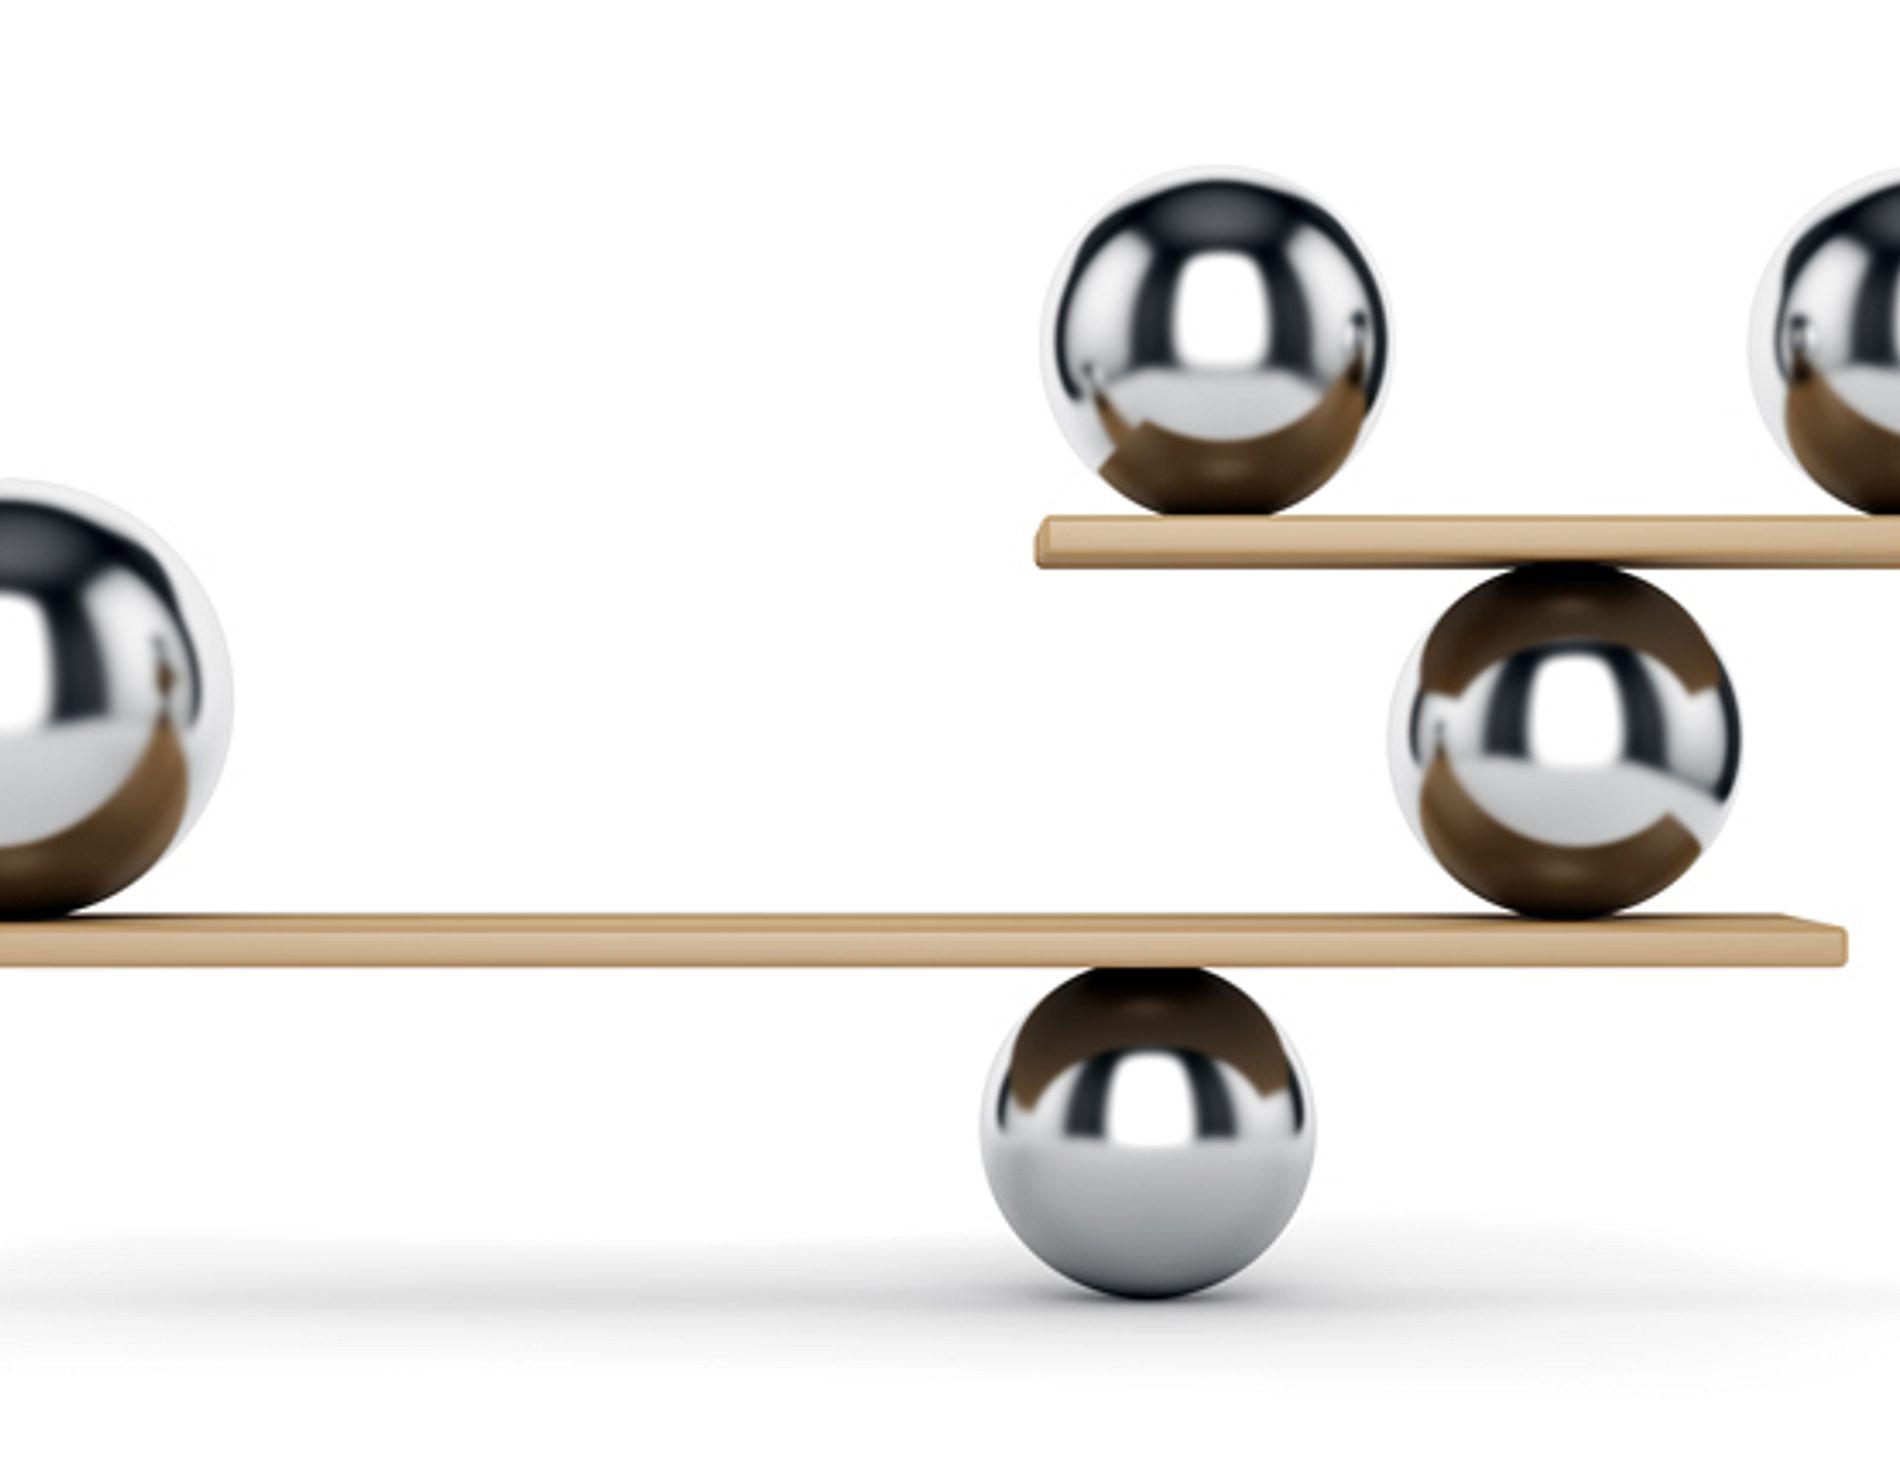 metal spheres on scale